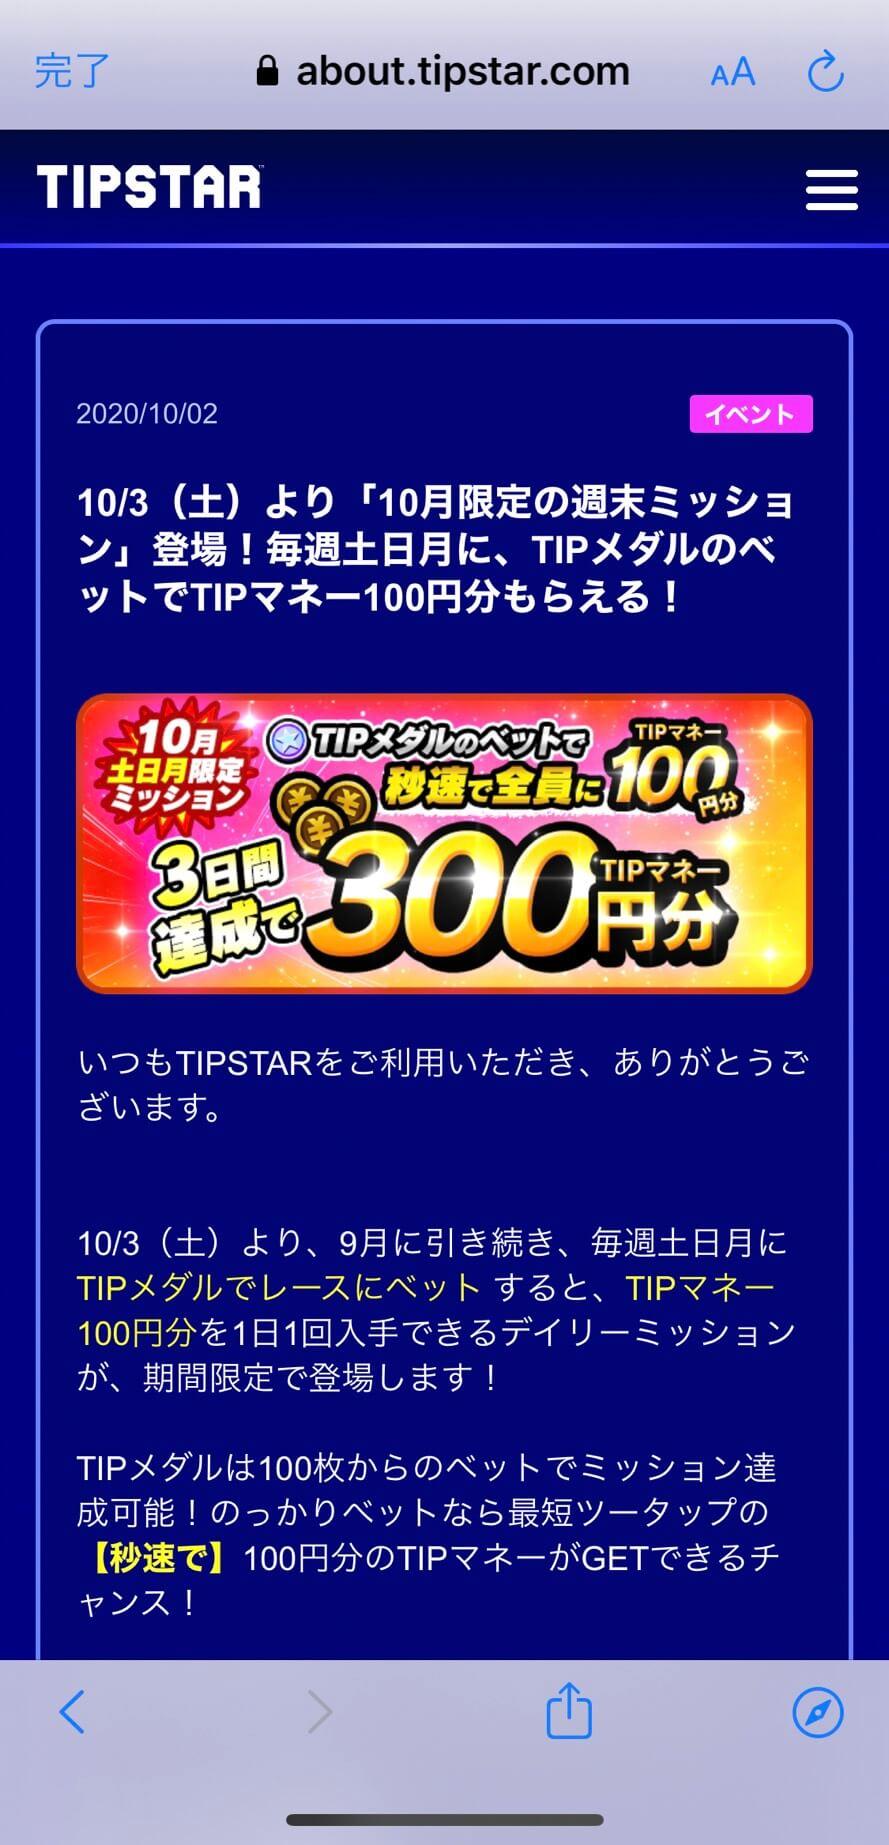 tipstar-cp-1031-1